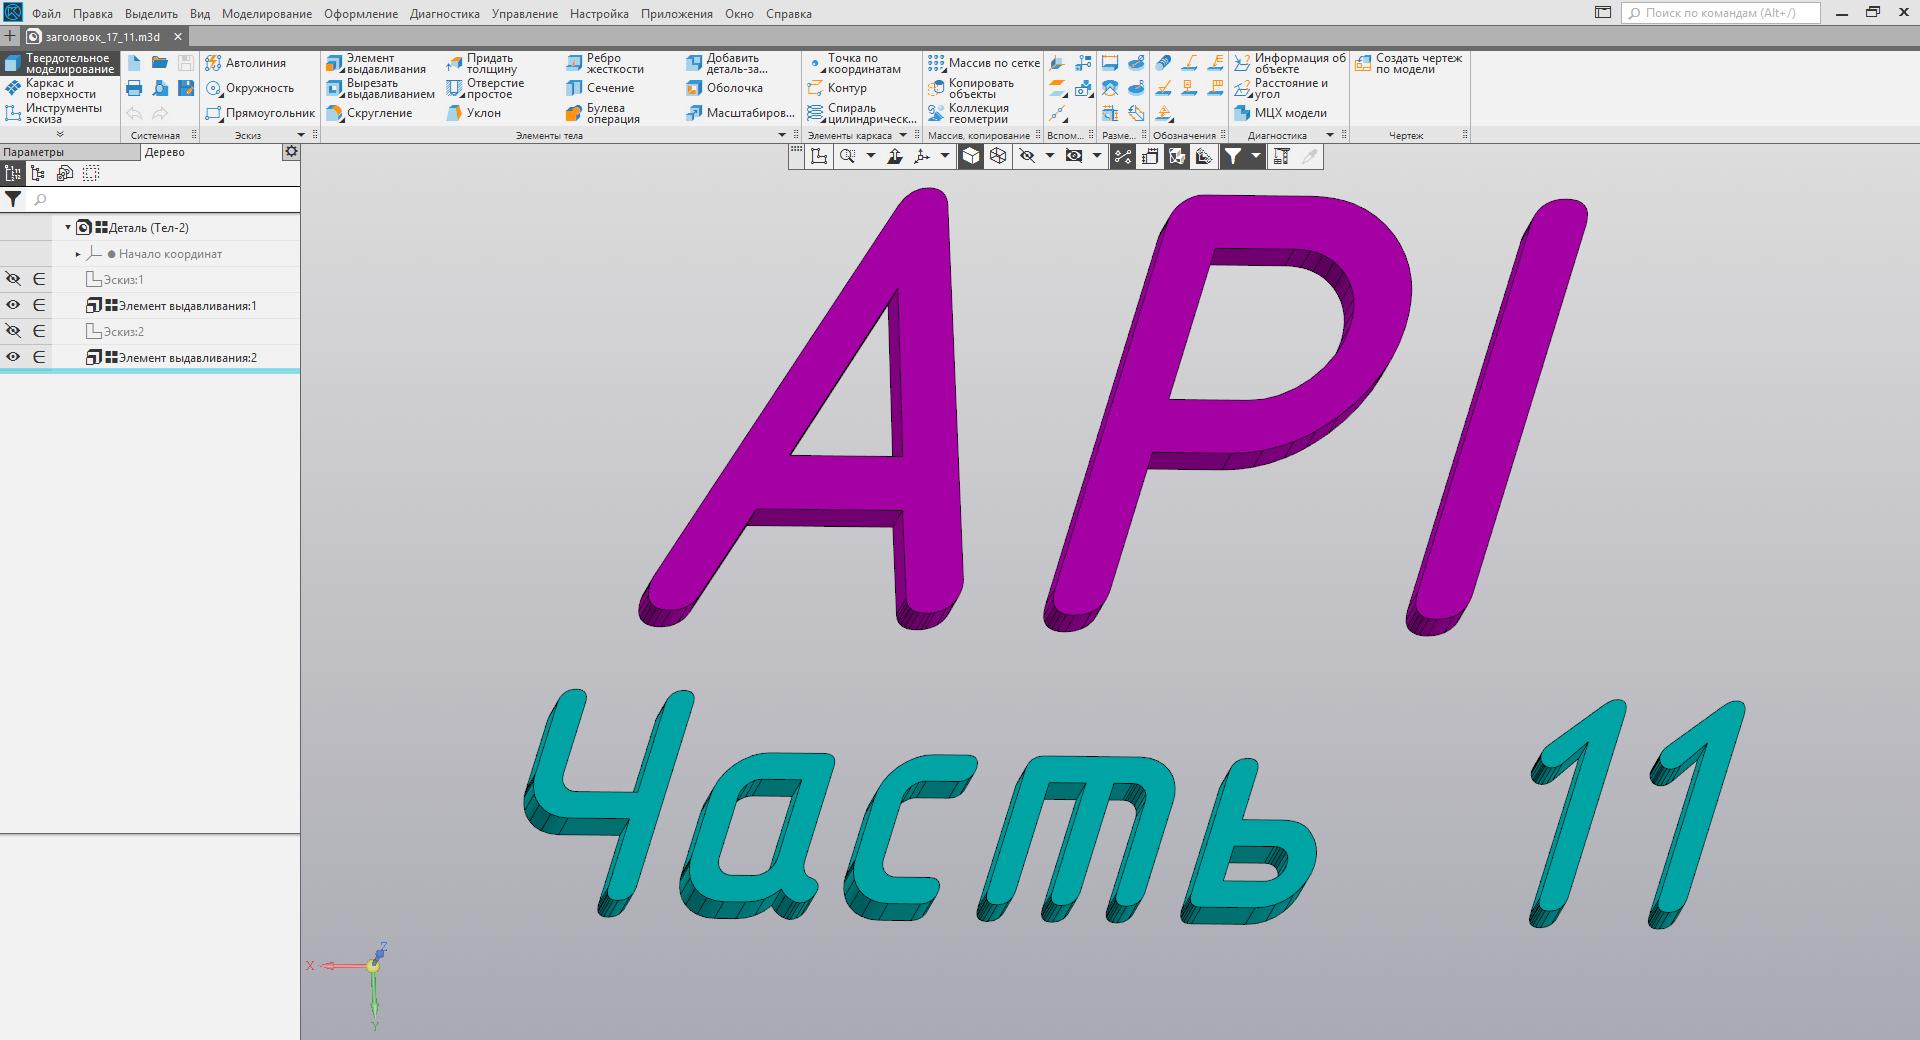 Работа с API КОМПАС-3D → Урок 11 → Простые текстовые надписи - 1